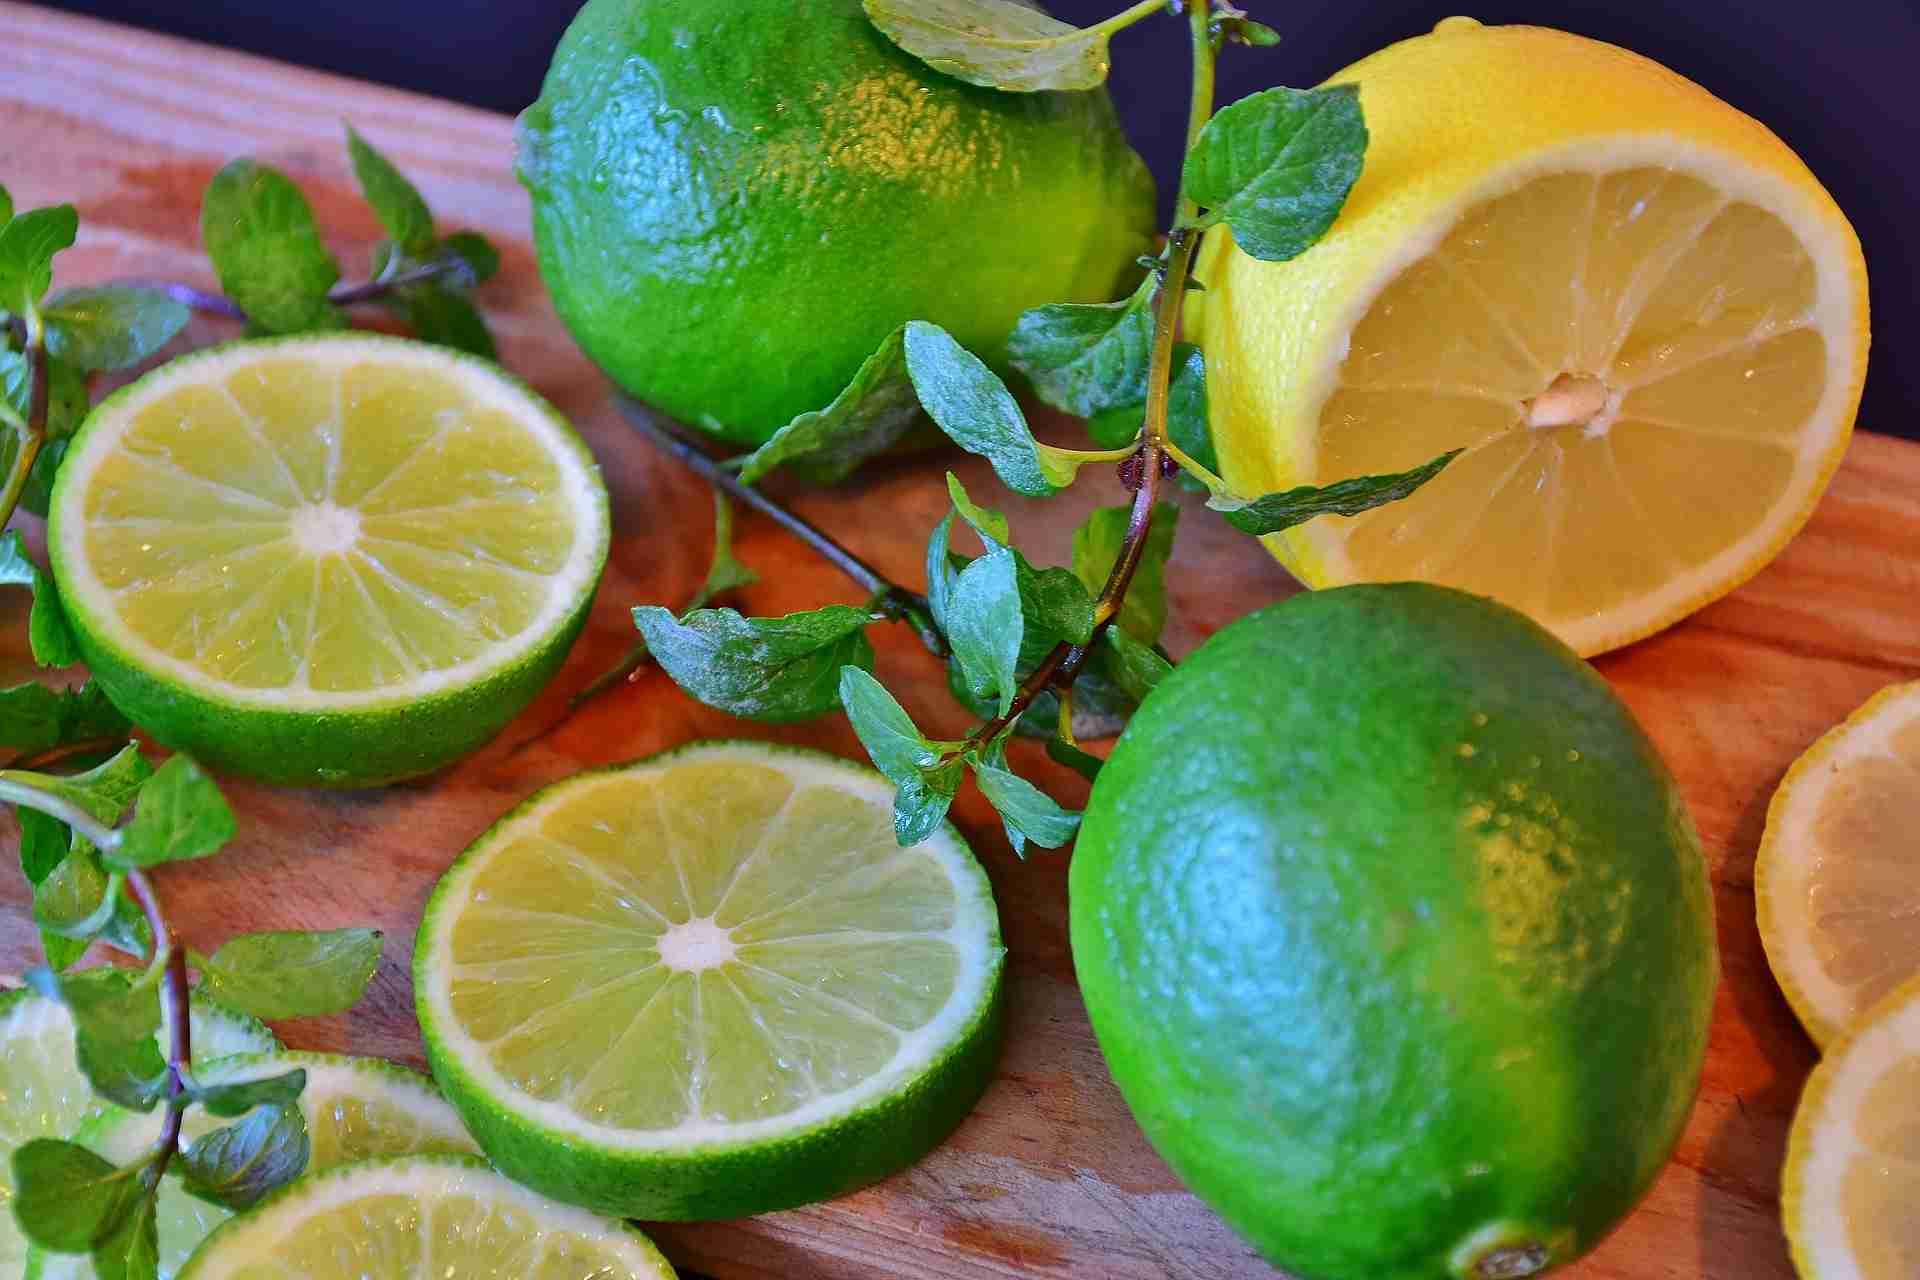 Zitrone Limette Unterschied